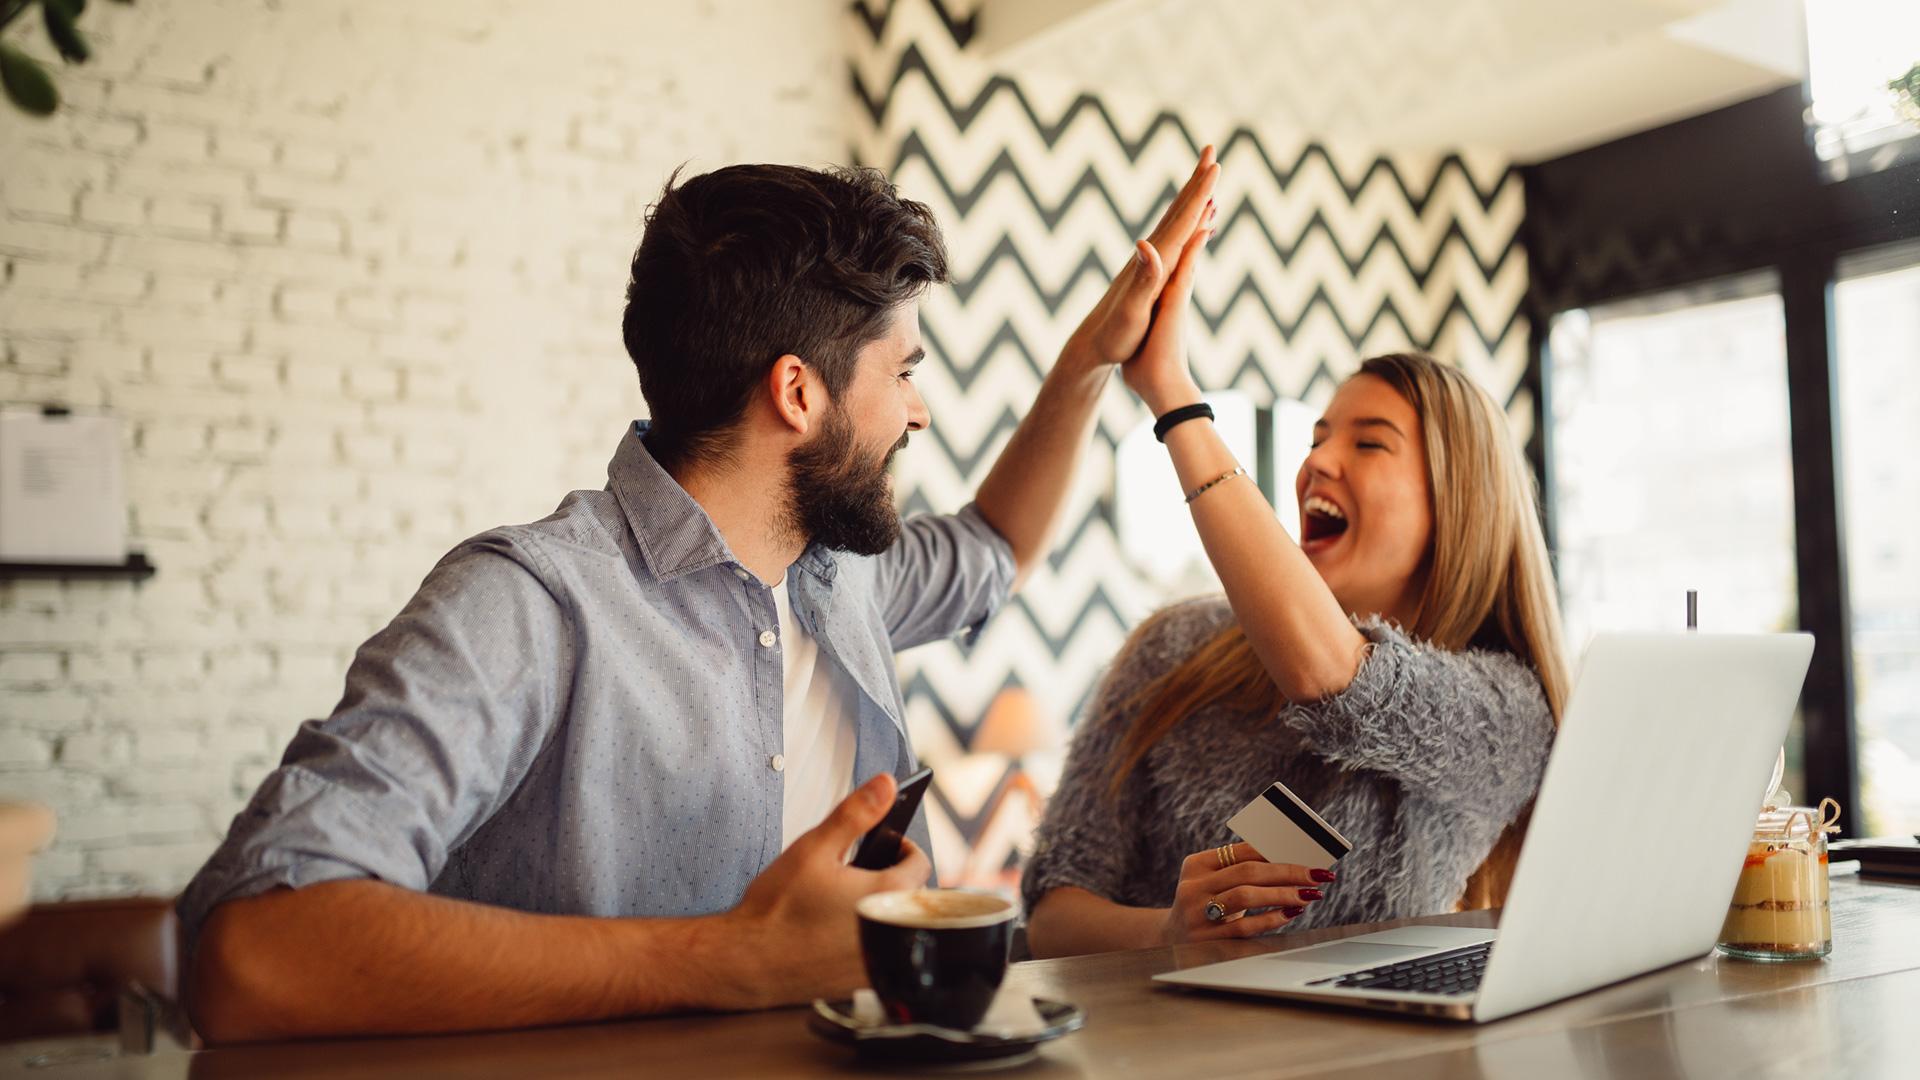 Duas pessoas comemorando uma compra pelo gatilho da escassez